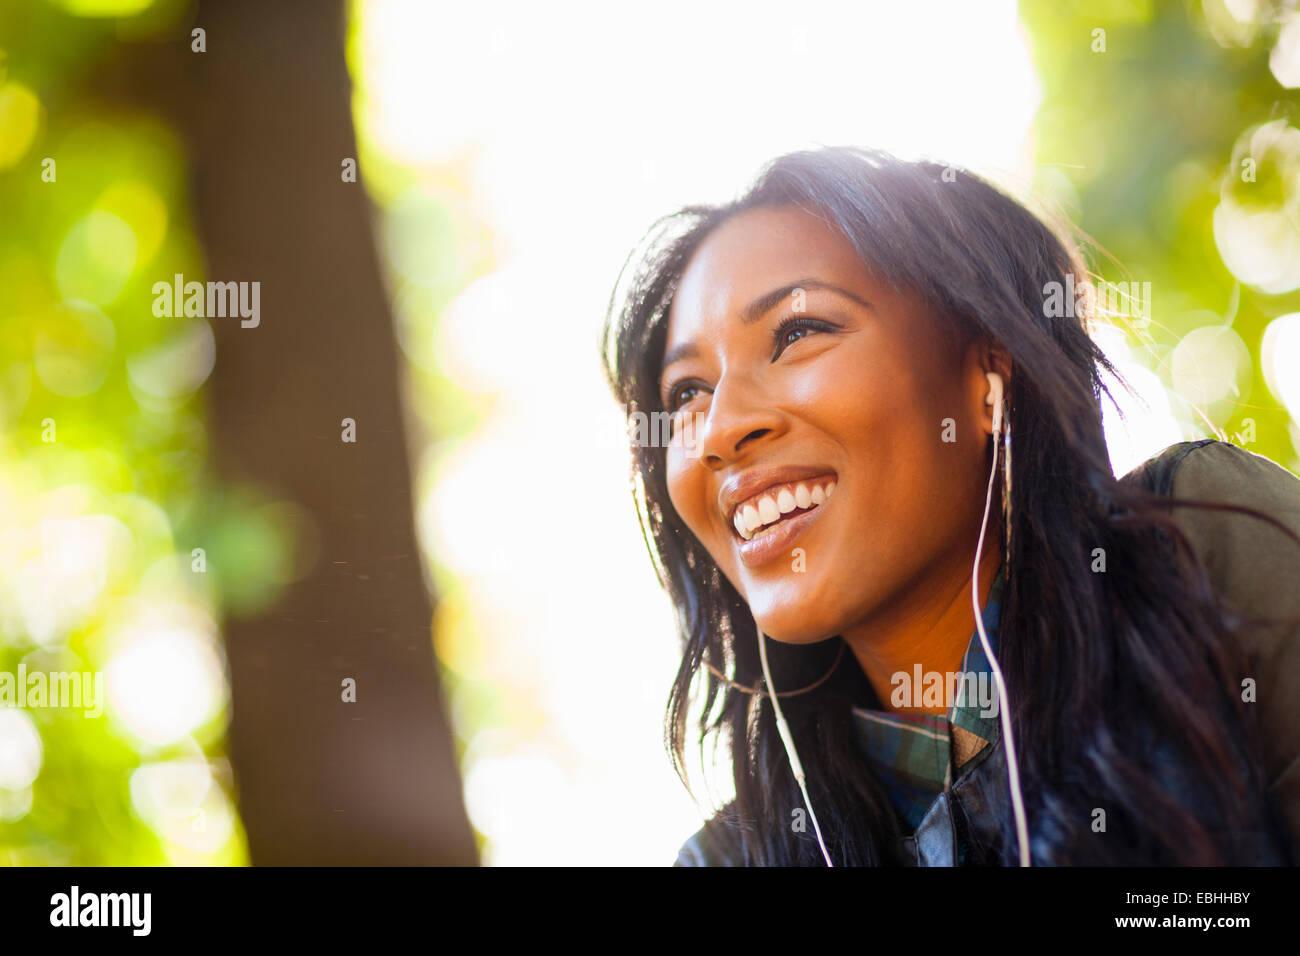 Junge Frau mit breiten Lächeln im park Stockbild